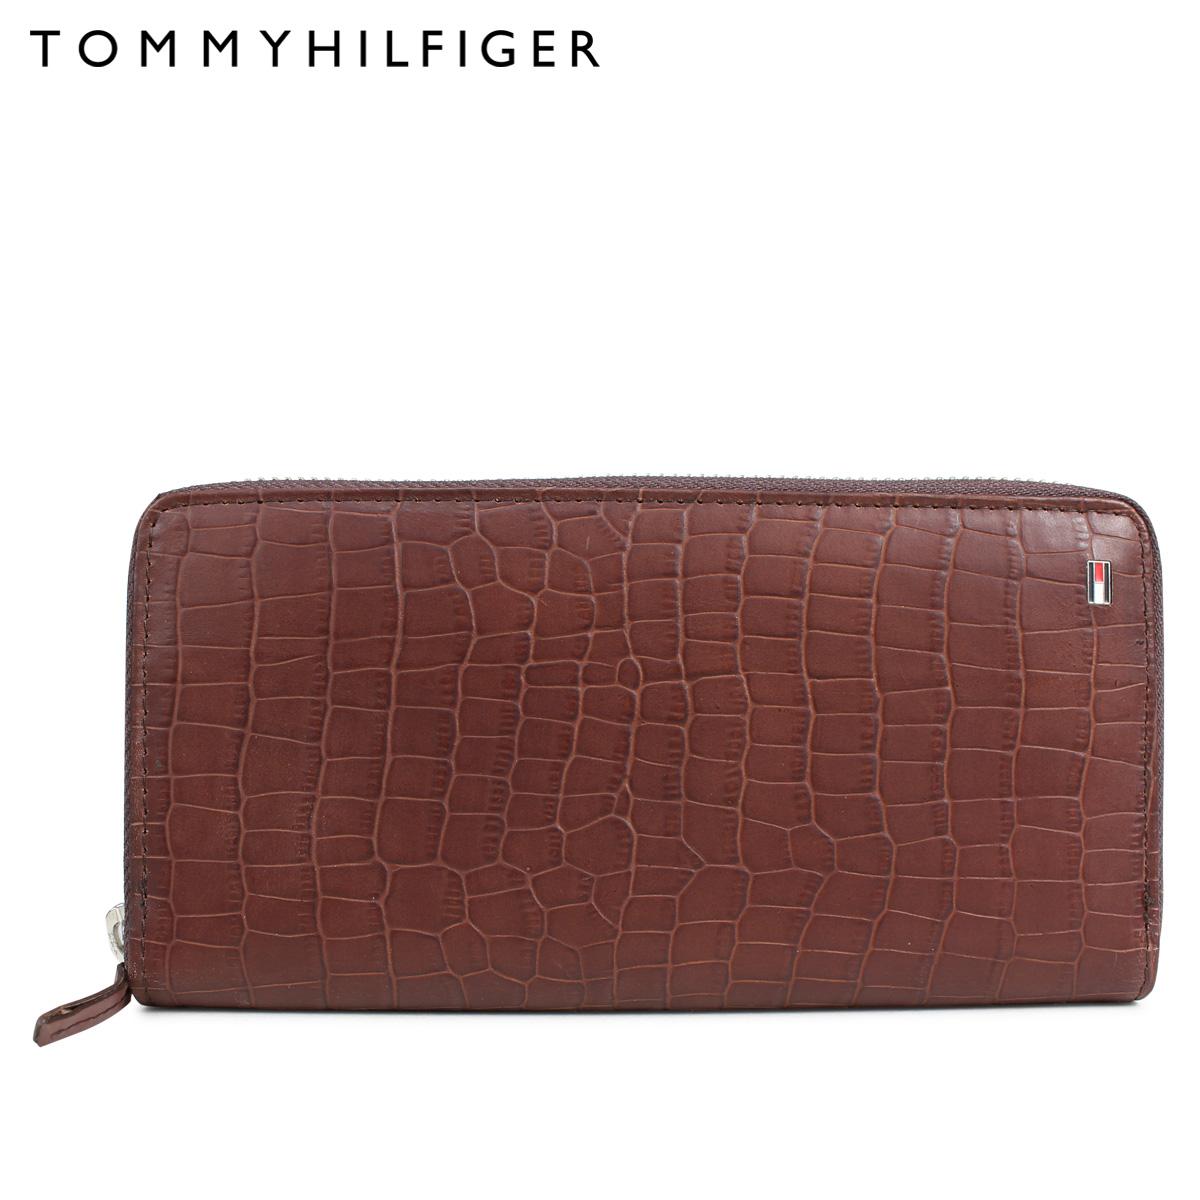 トミーヒルフィガー TOMMY HILFIGER 財布 長財布 ラウンドファスナー メンズ レザー WALLET ダークブラウン 31TL400003-200